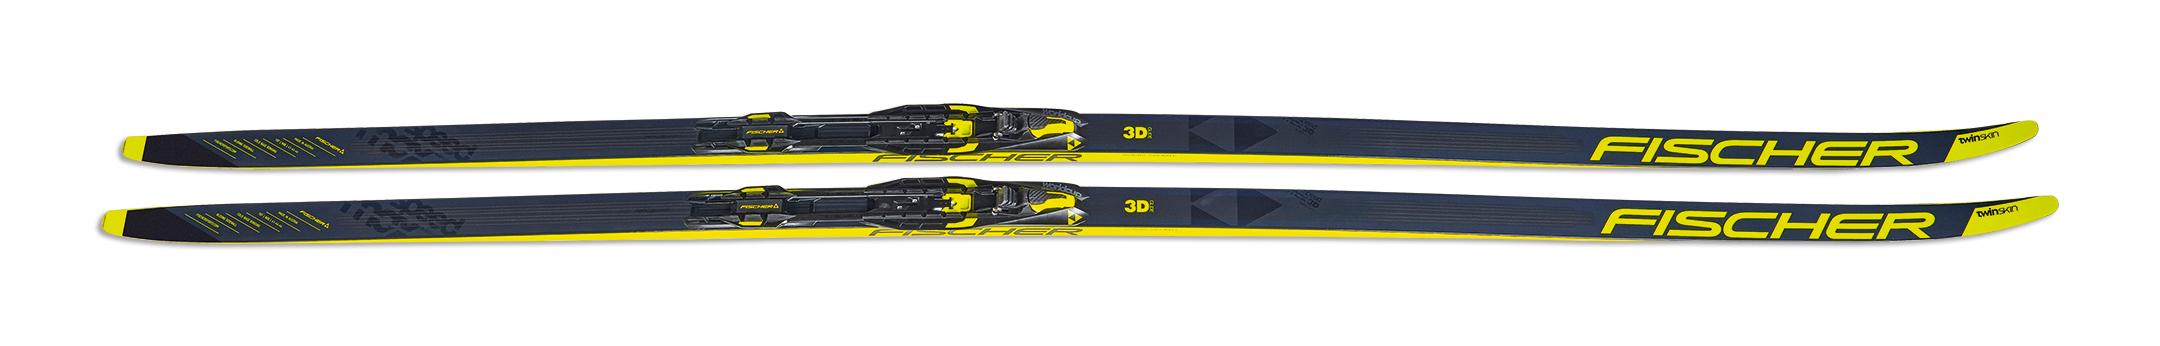 Fischer Nordic Cruiser di sci di fondo impostare il